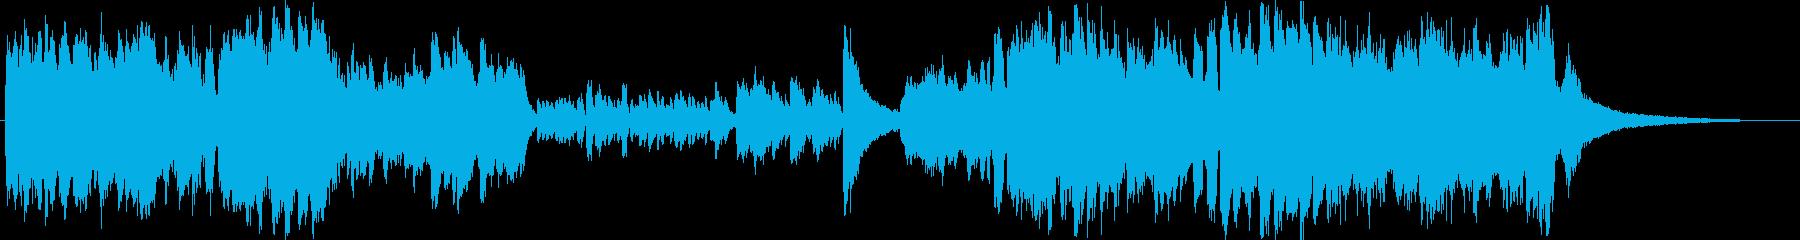 寒気立つ最凶の狂気ピアノの再生済みの波形